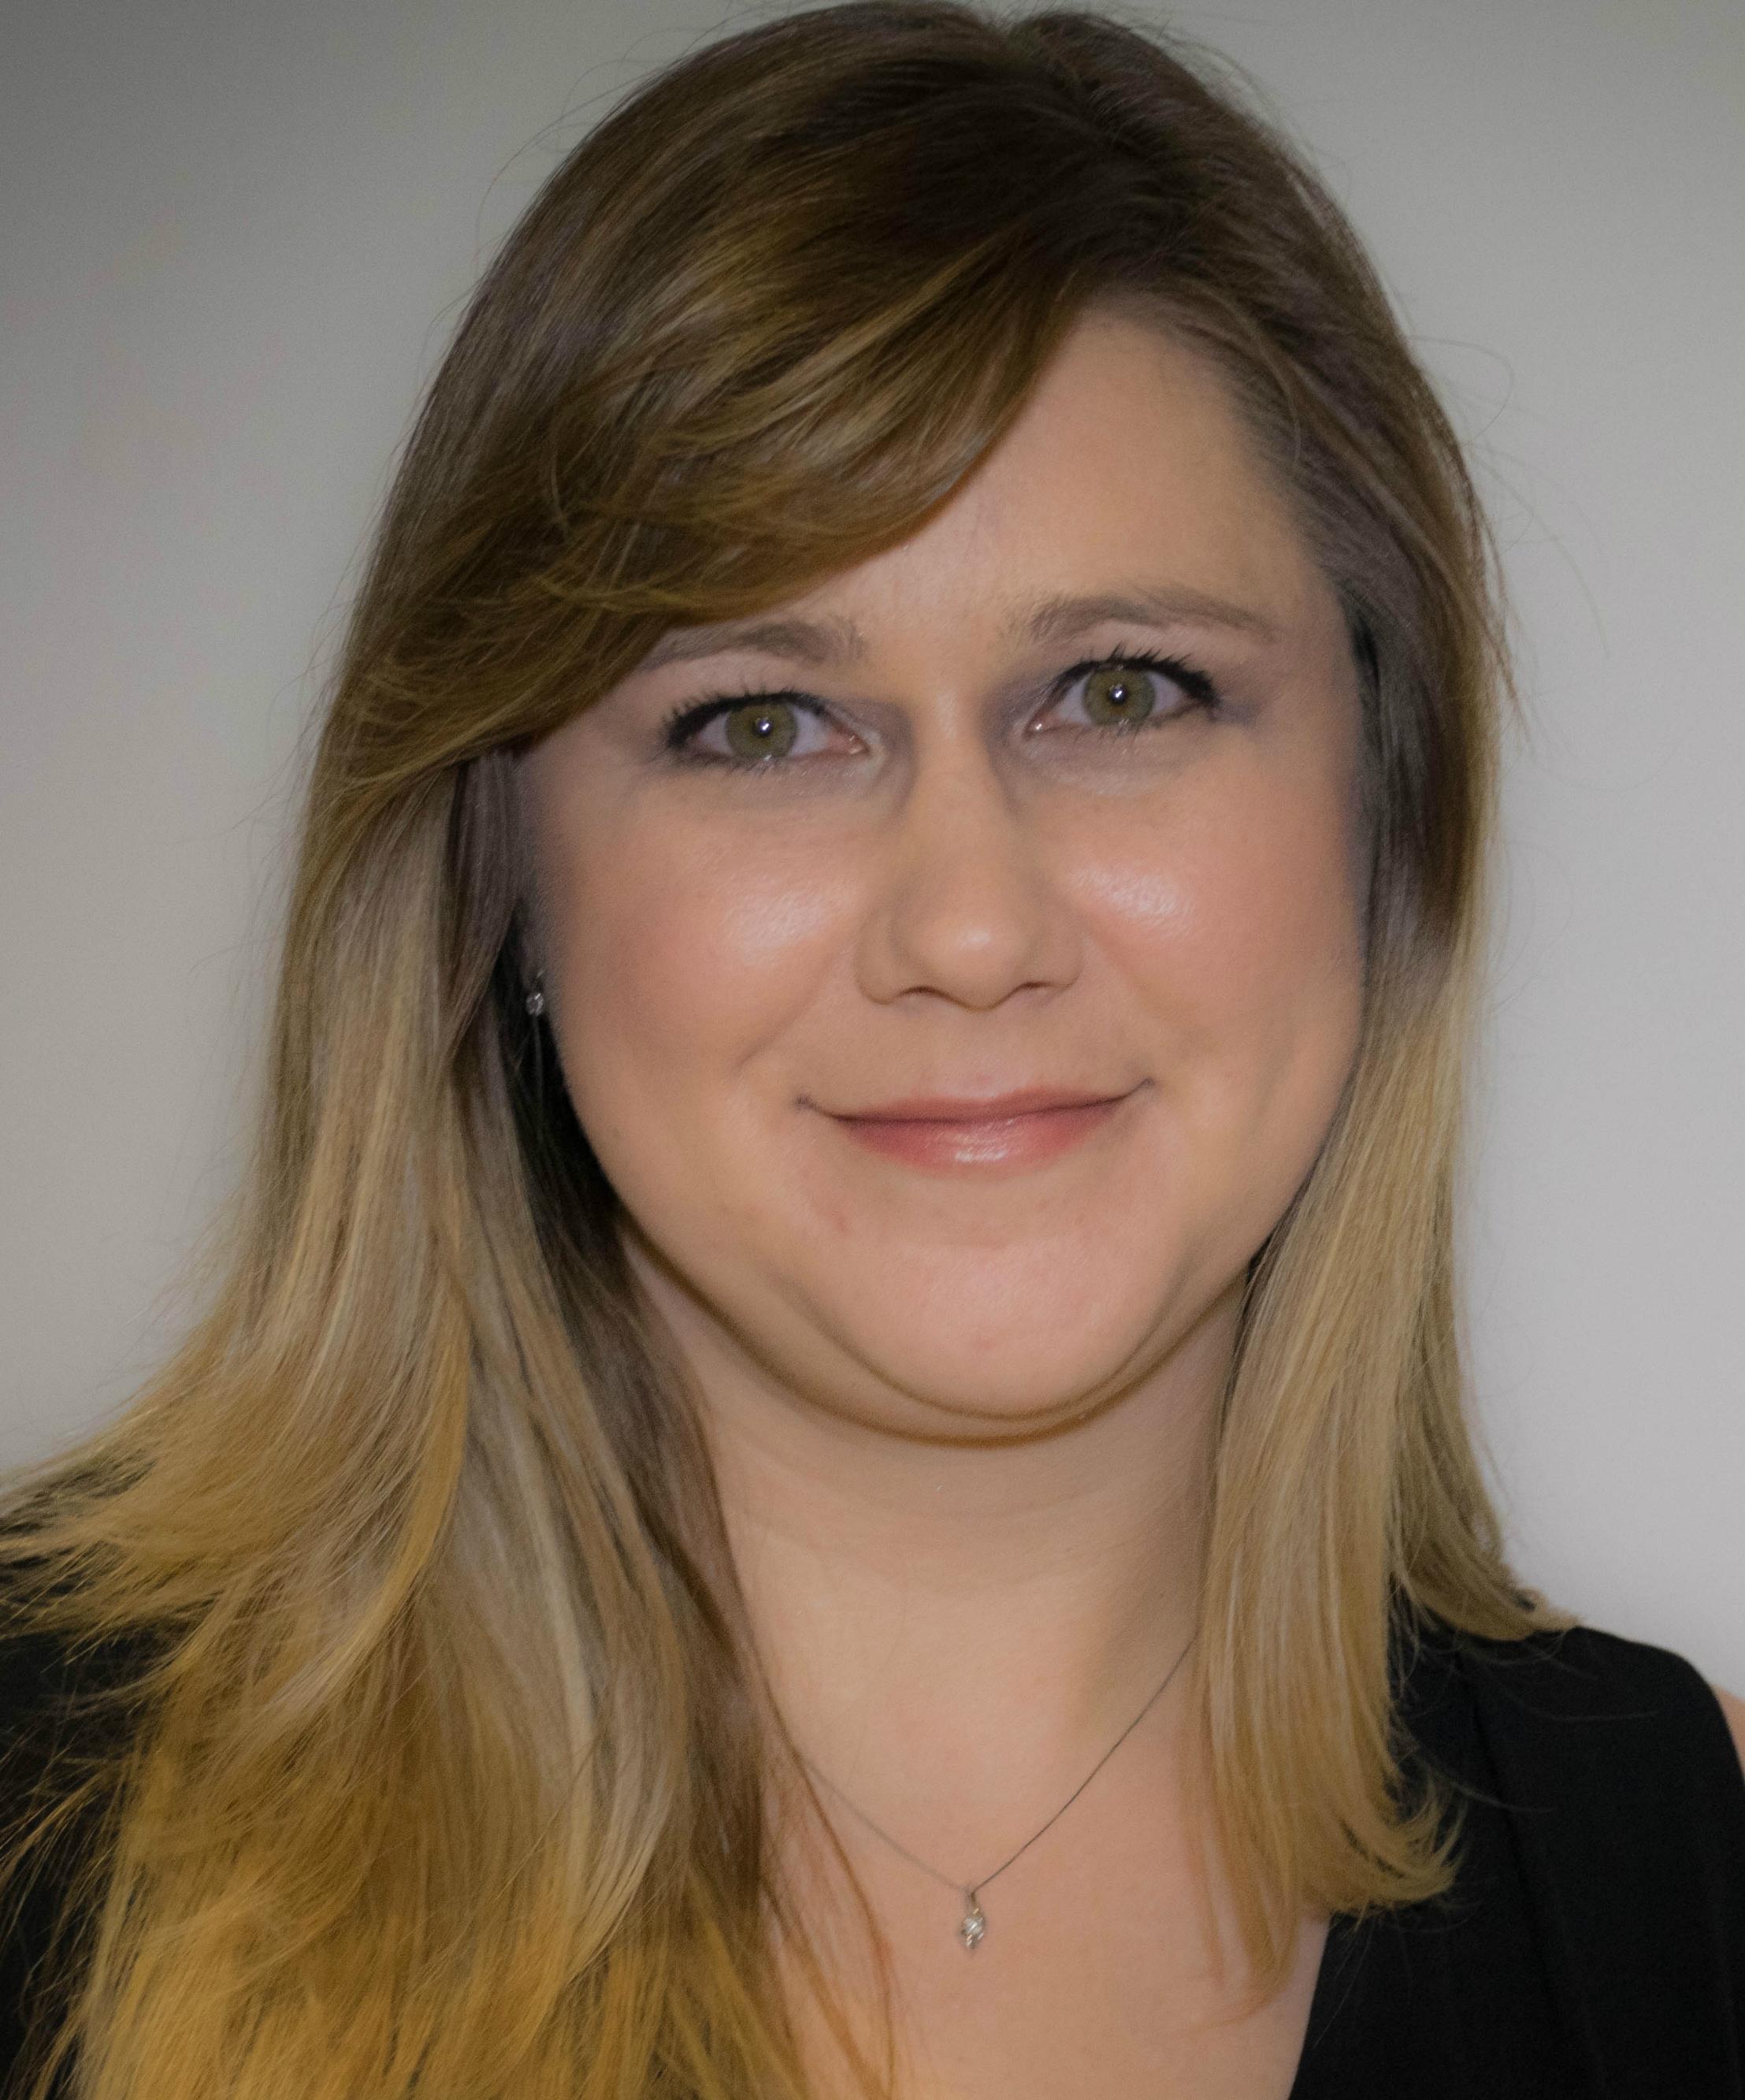 Allstate insurance agent Teresa Wells